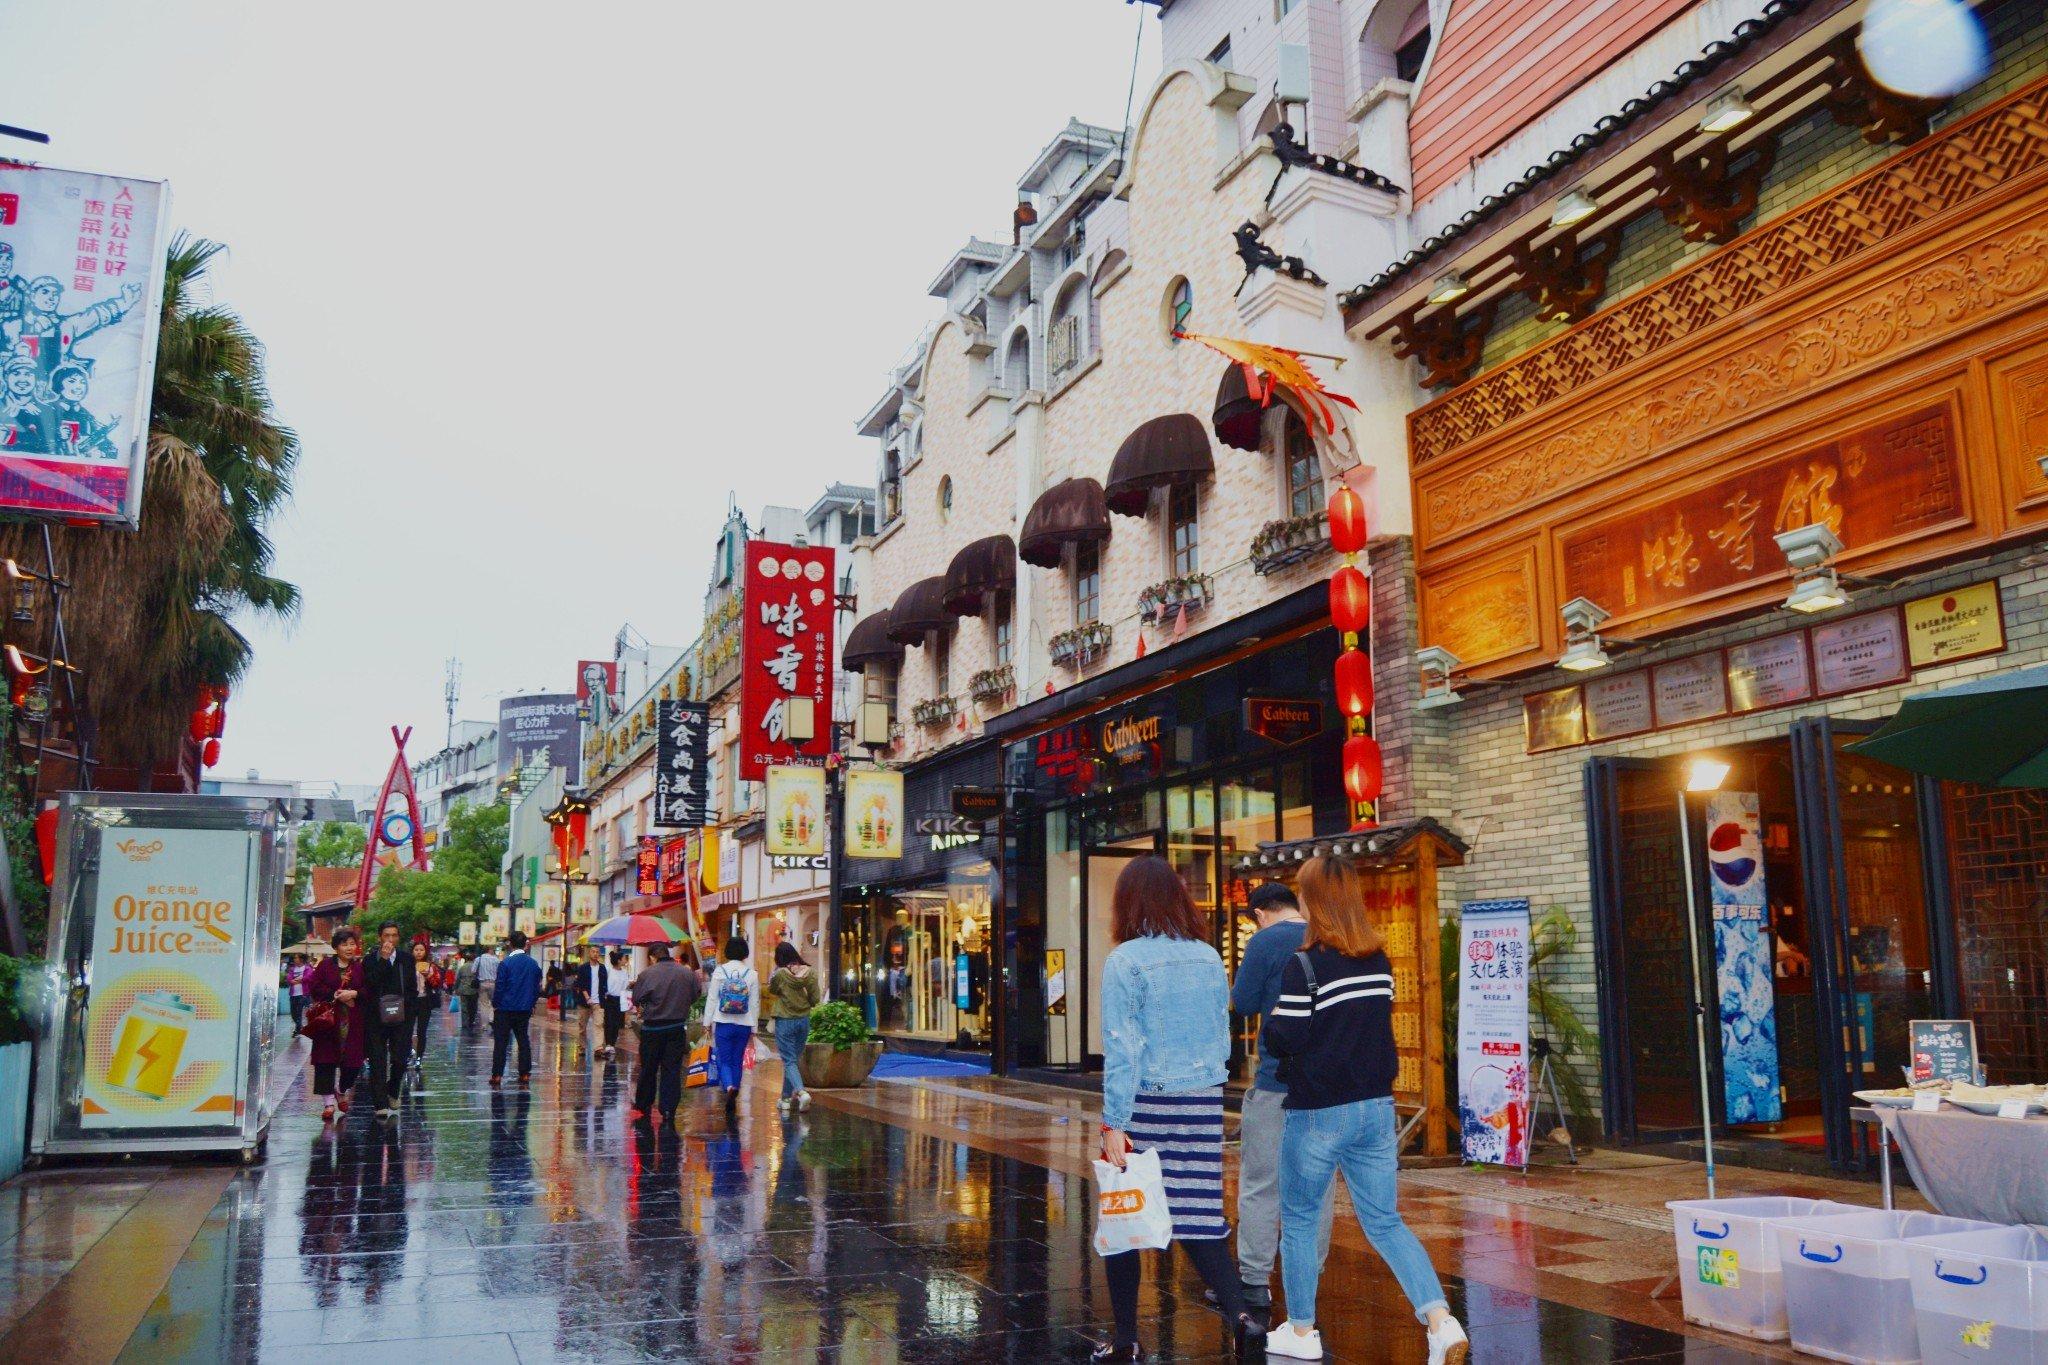 桂林2020旅游線路推薦,桂林玩法路線,桂林旅游行程推薦-去哪兒攻略